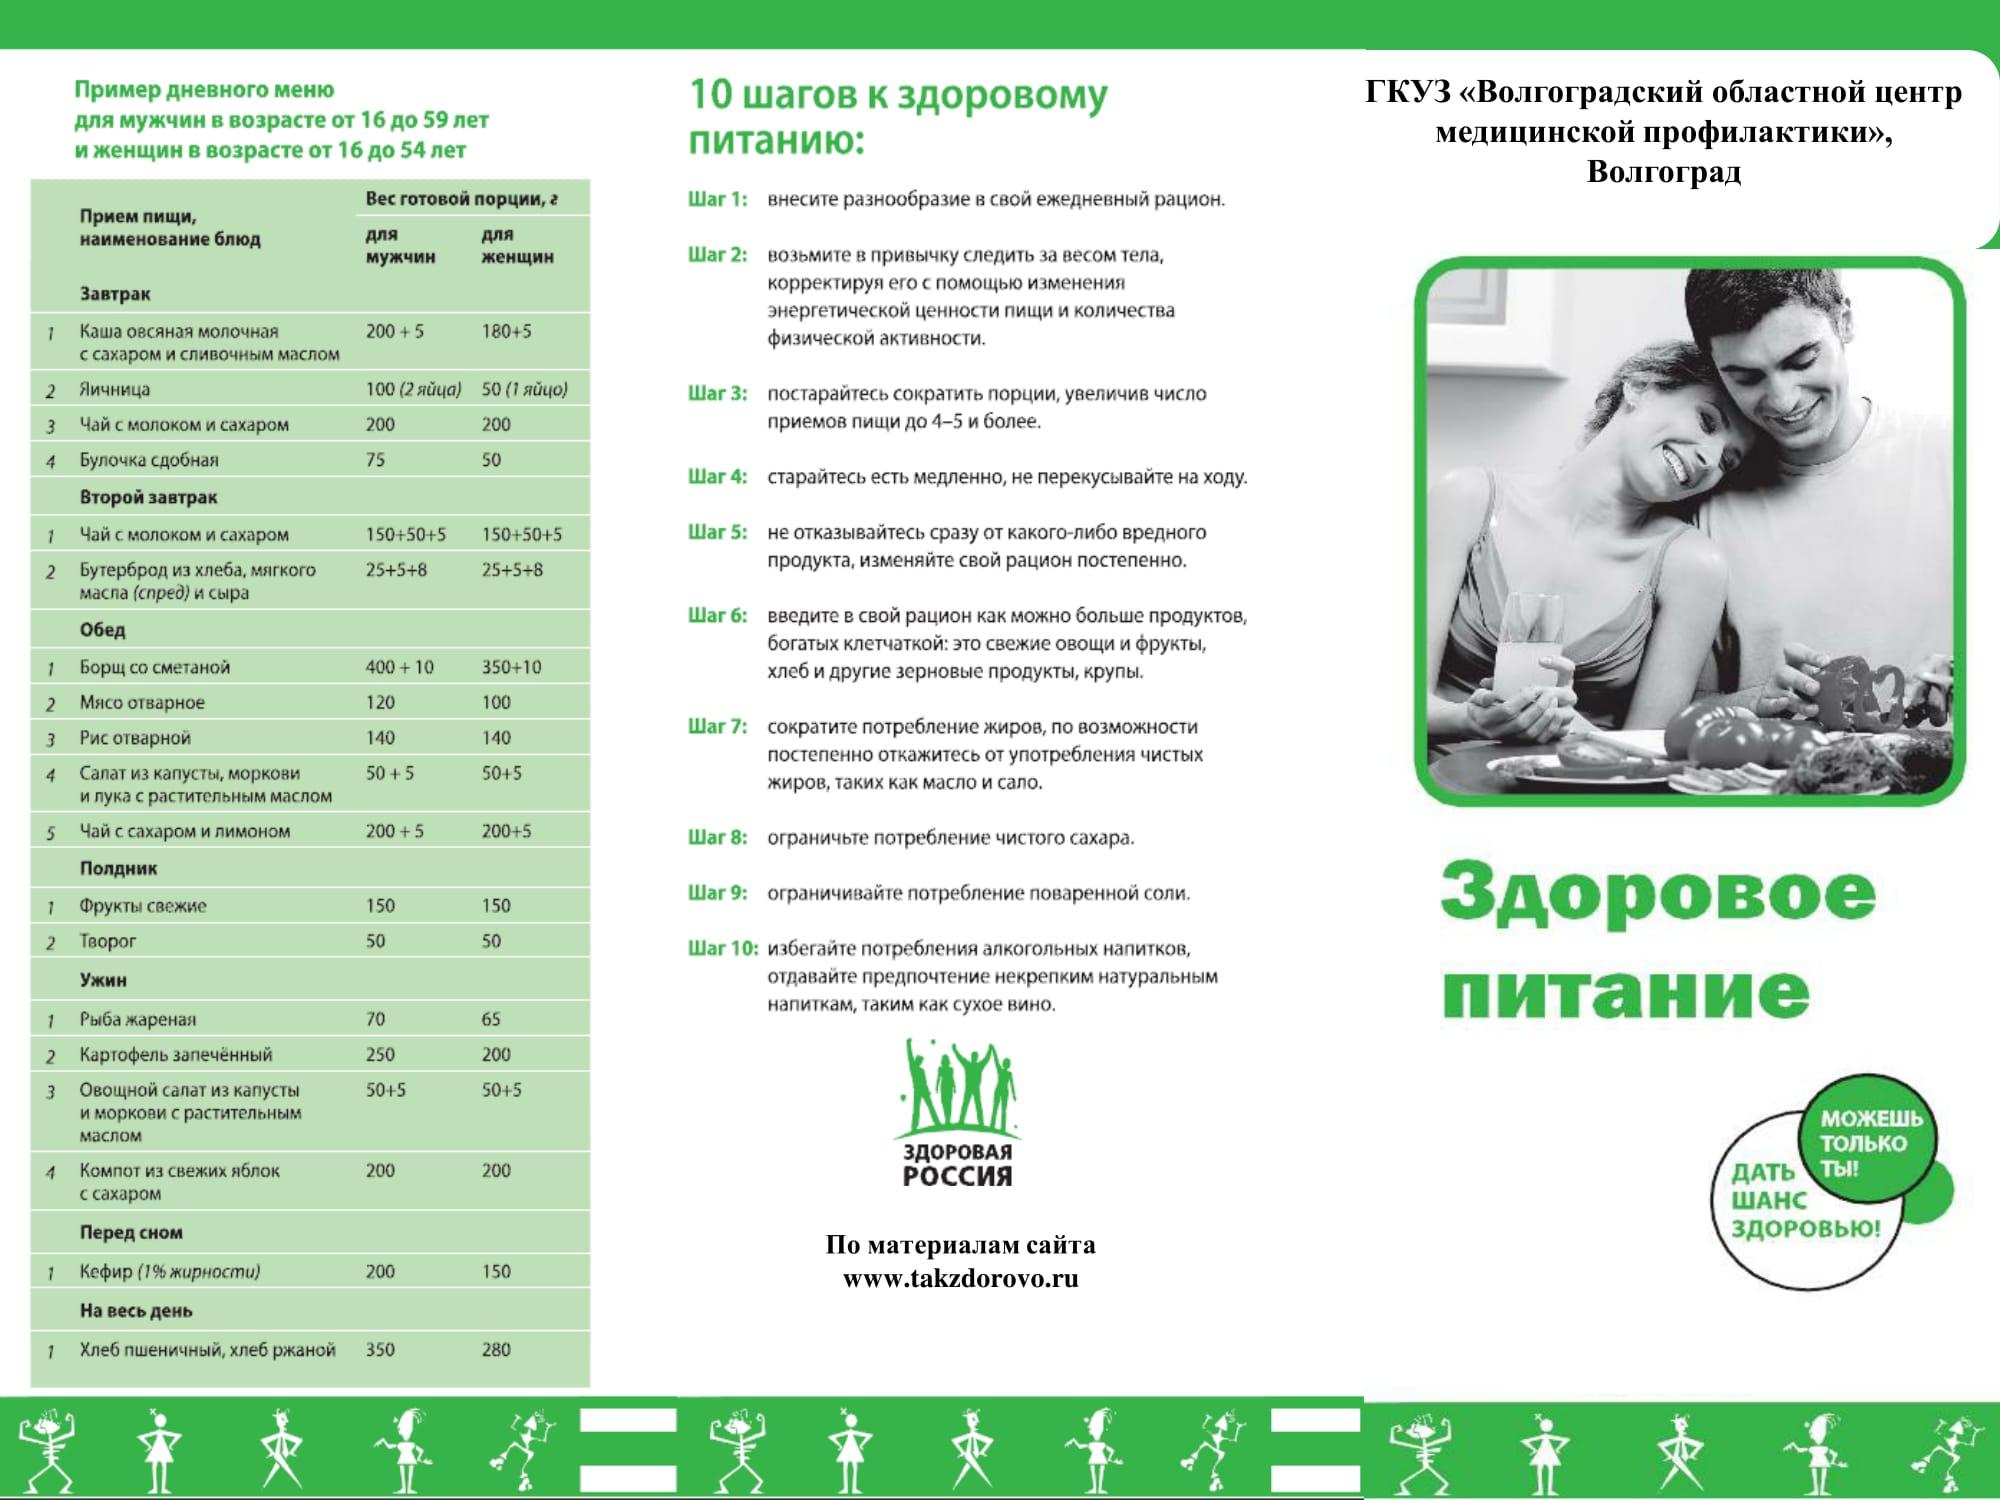 Буклет По Диете 5. Диета 5 стол: что можно, чего нельзя (таблица), меню на неделю